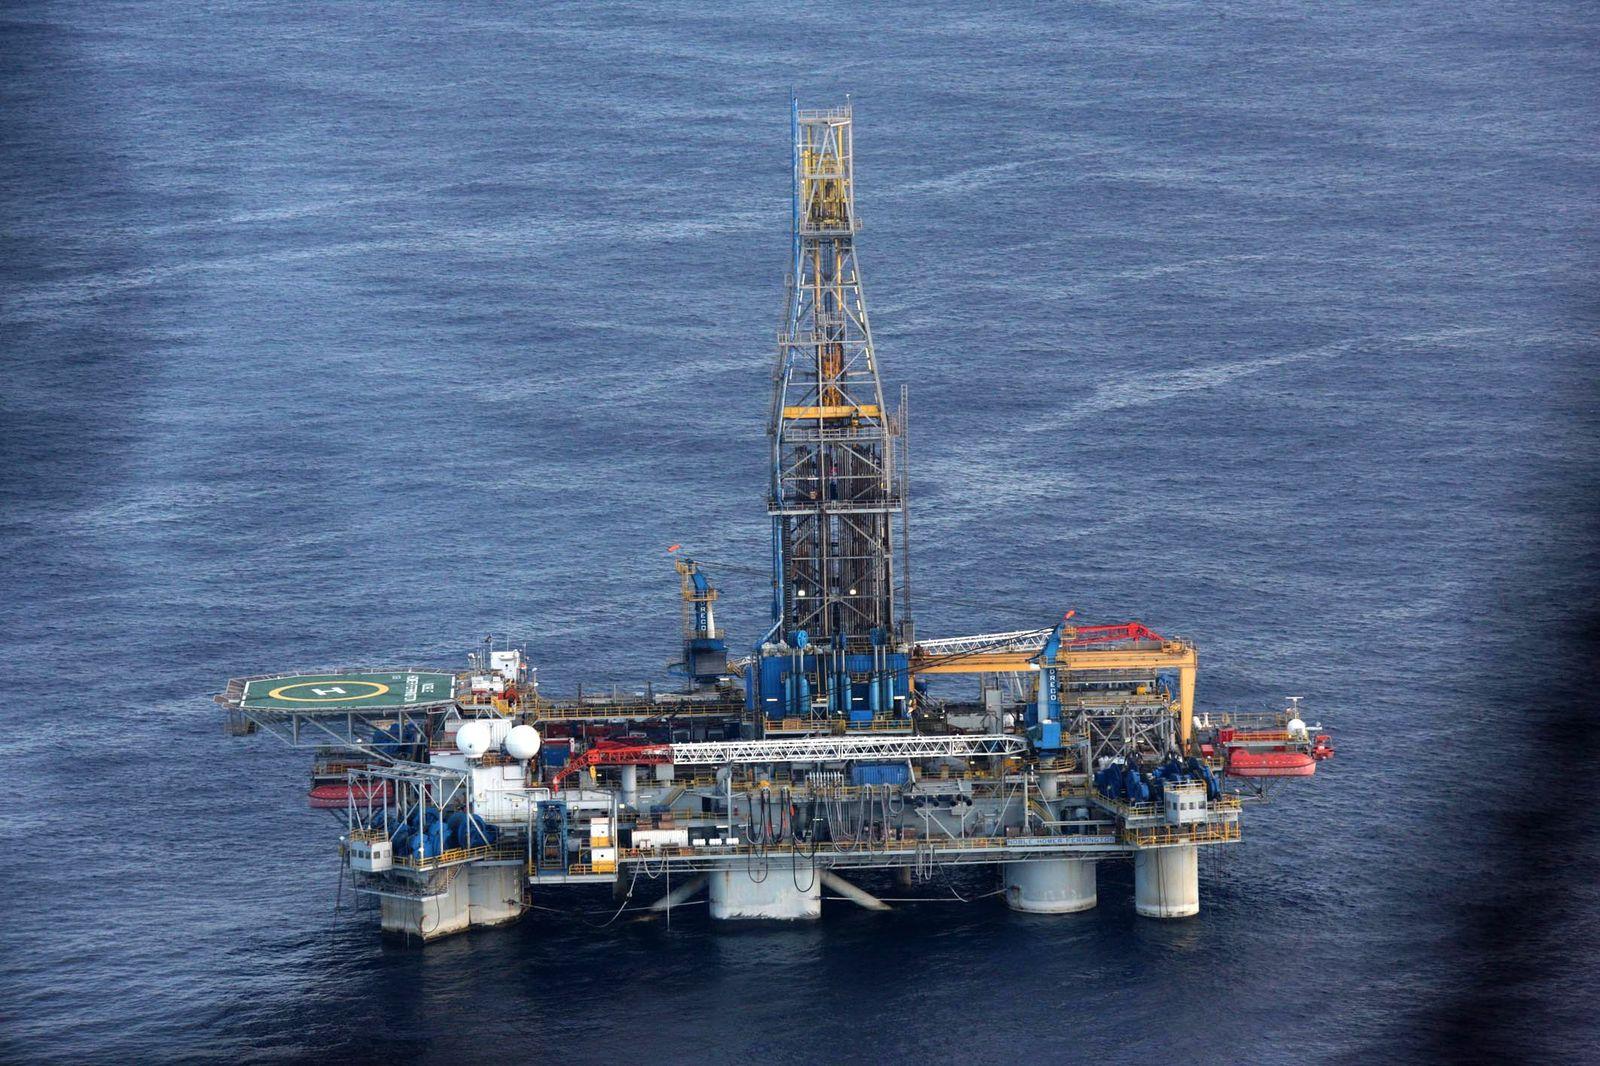 Роснефть открыла новое газовое месторождение в Карском море